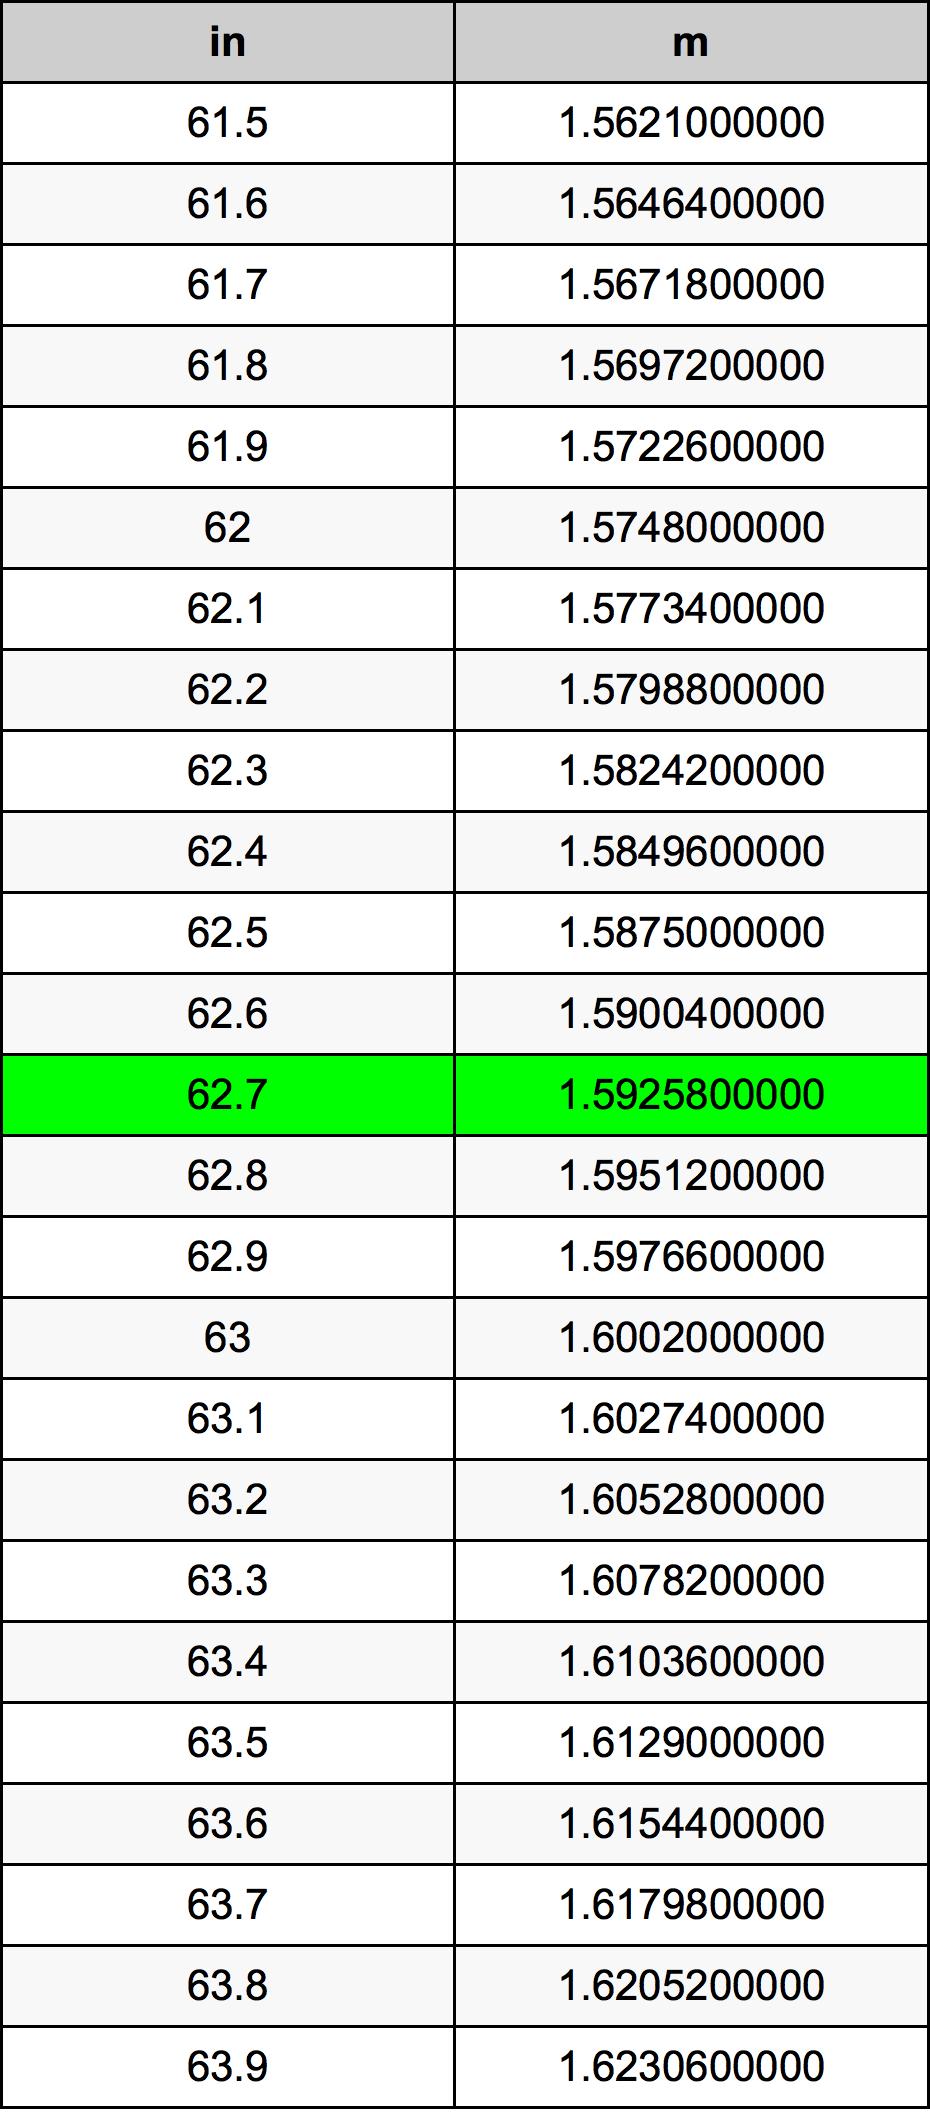 62.7 дюйм Таблиця перетворення